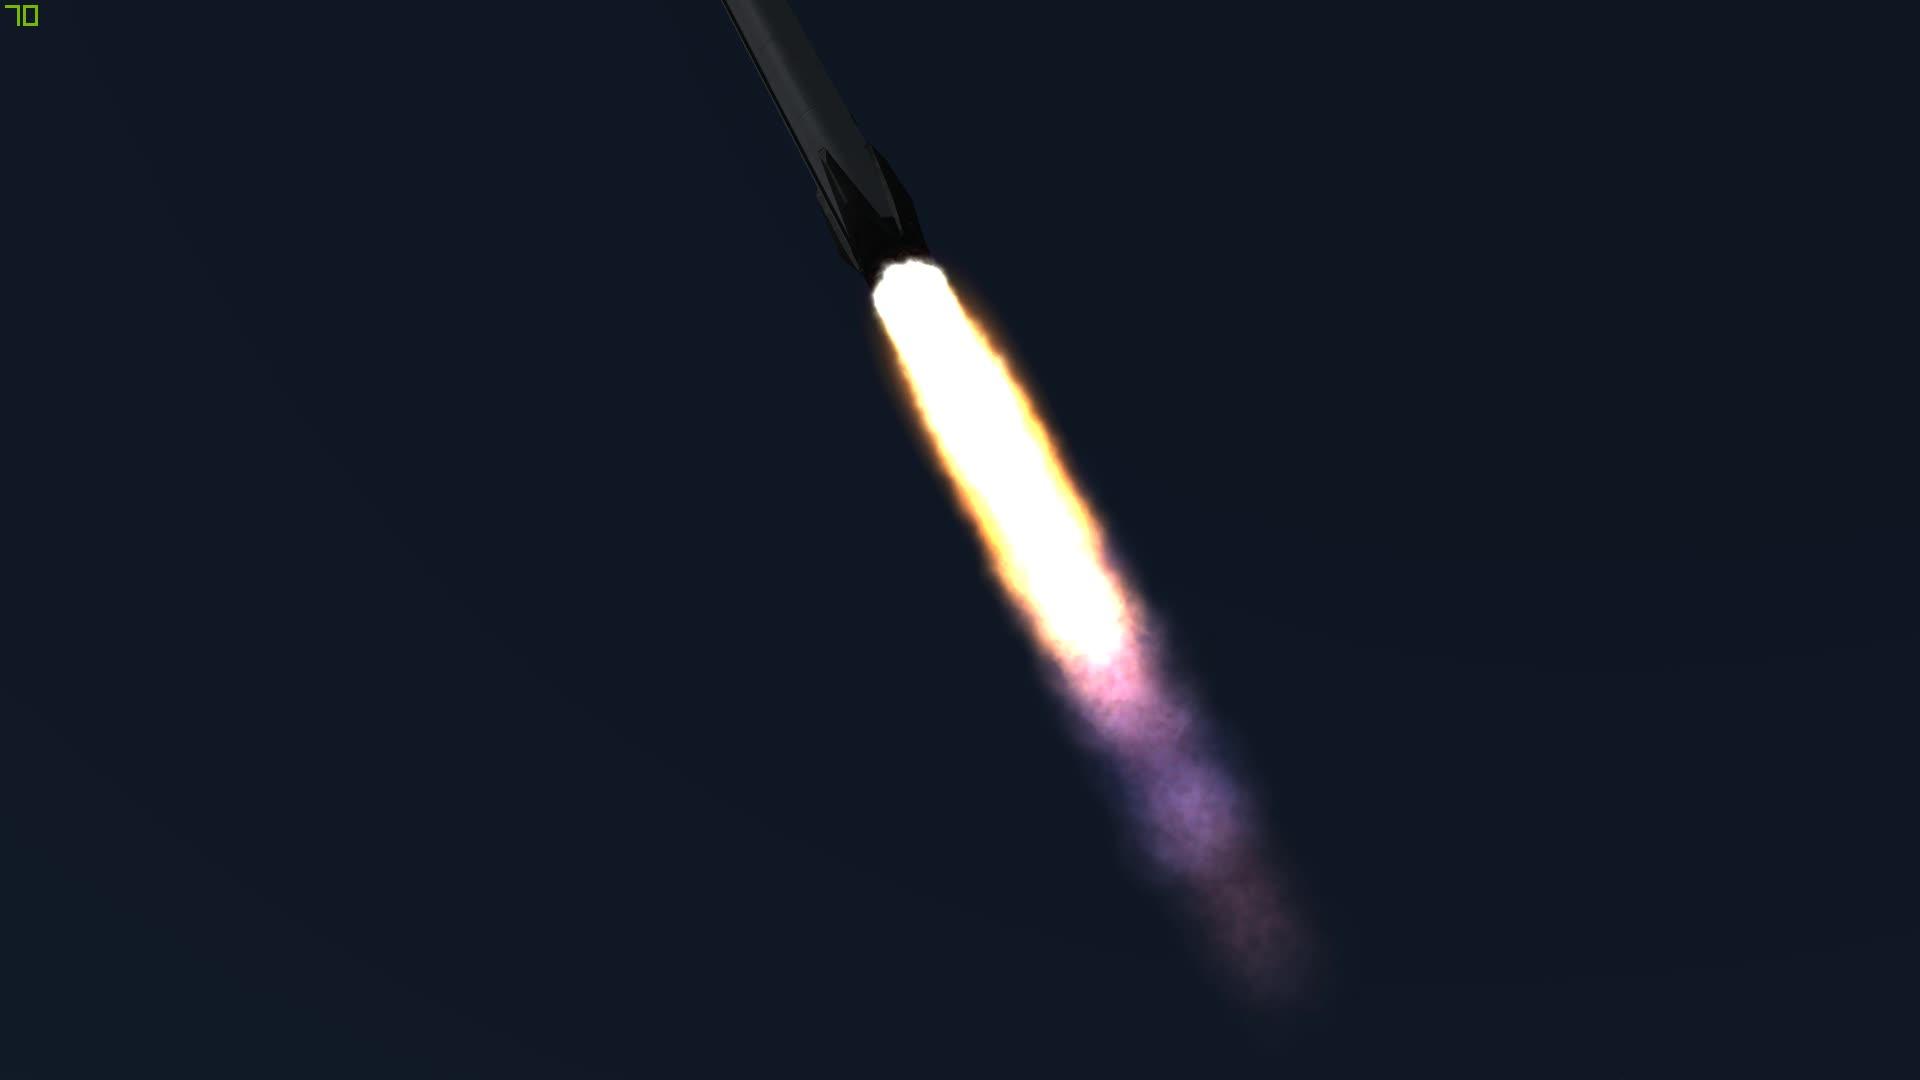 kerbalspaceprogram, Kerbal Space Program 2018.08.11 - 23.56.49.02 GIFs